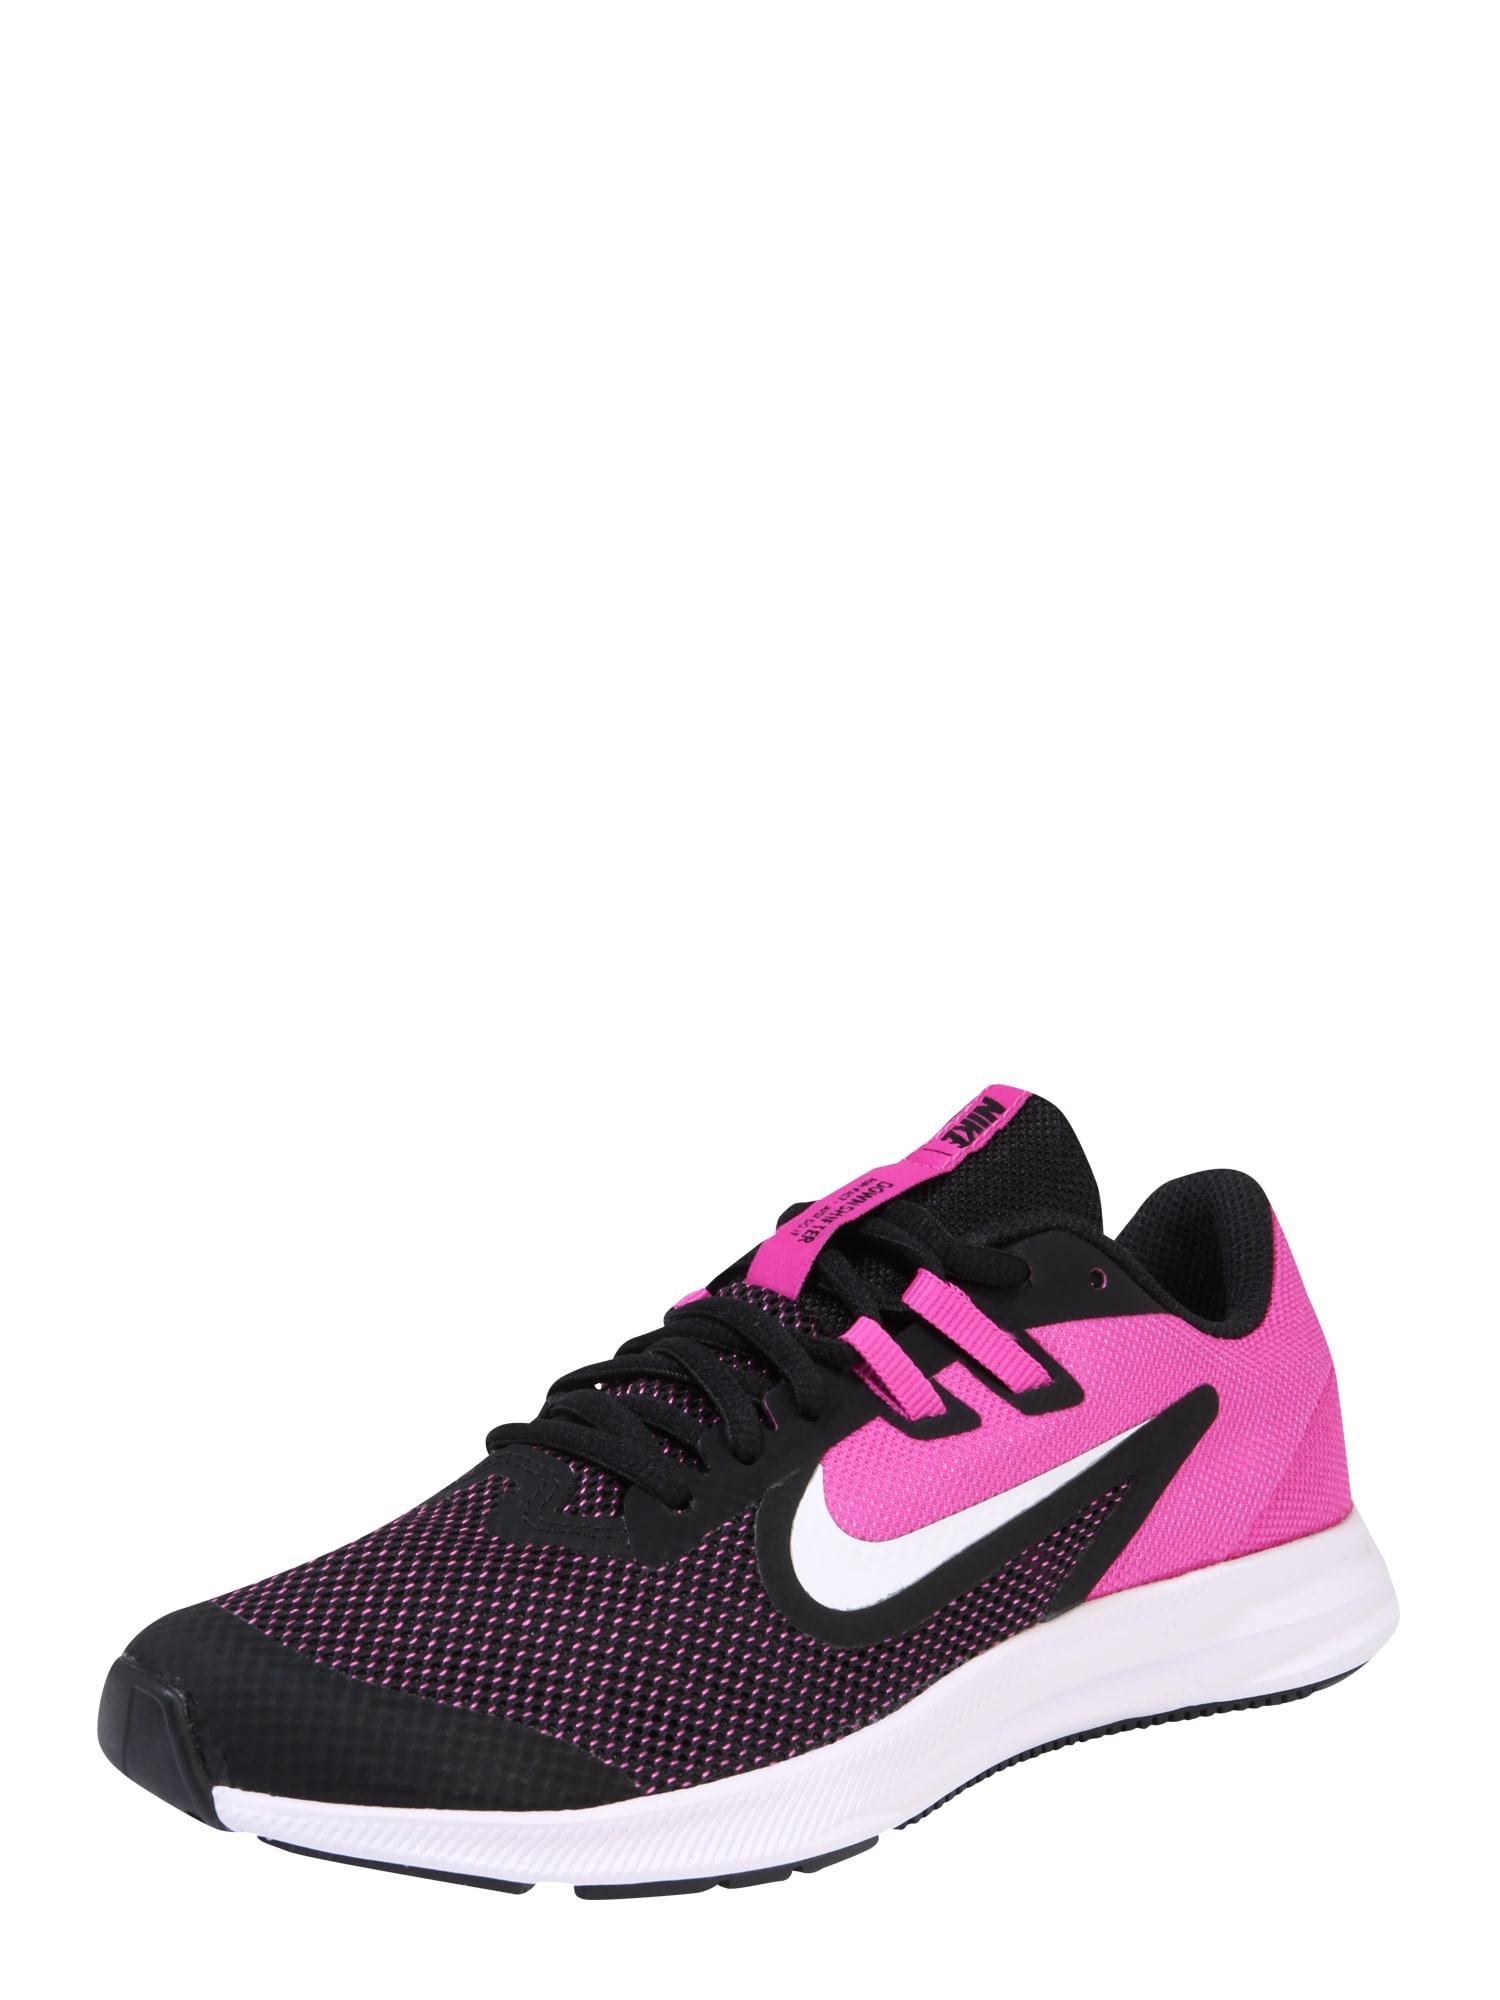 NIKE Sportiniai batai 'Nike Downshifter 9' rožinė / juoda